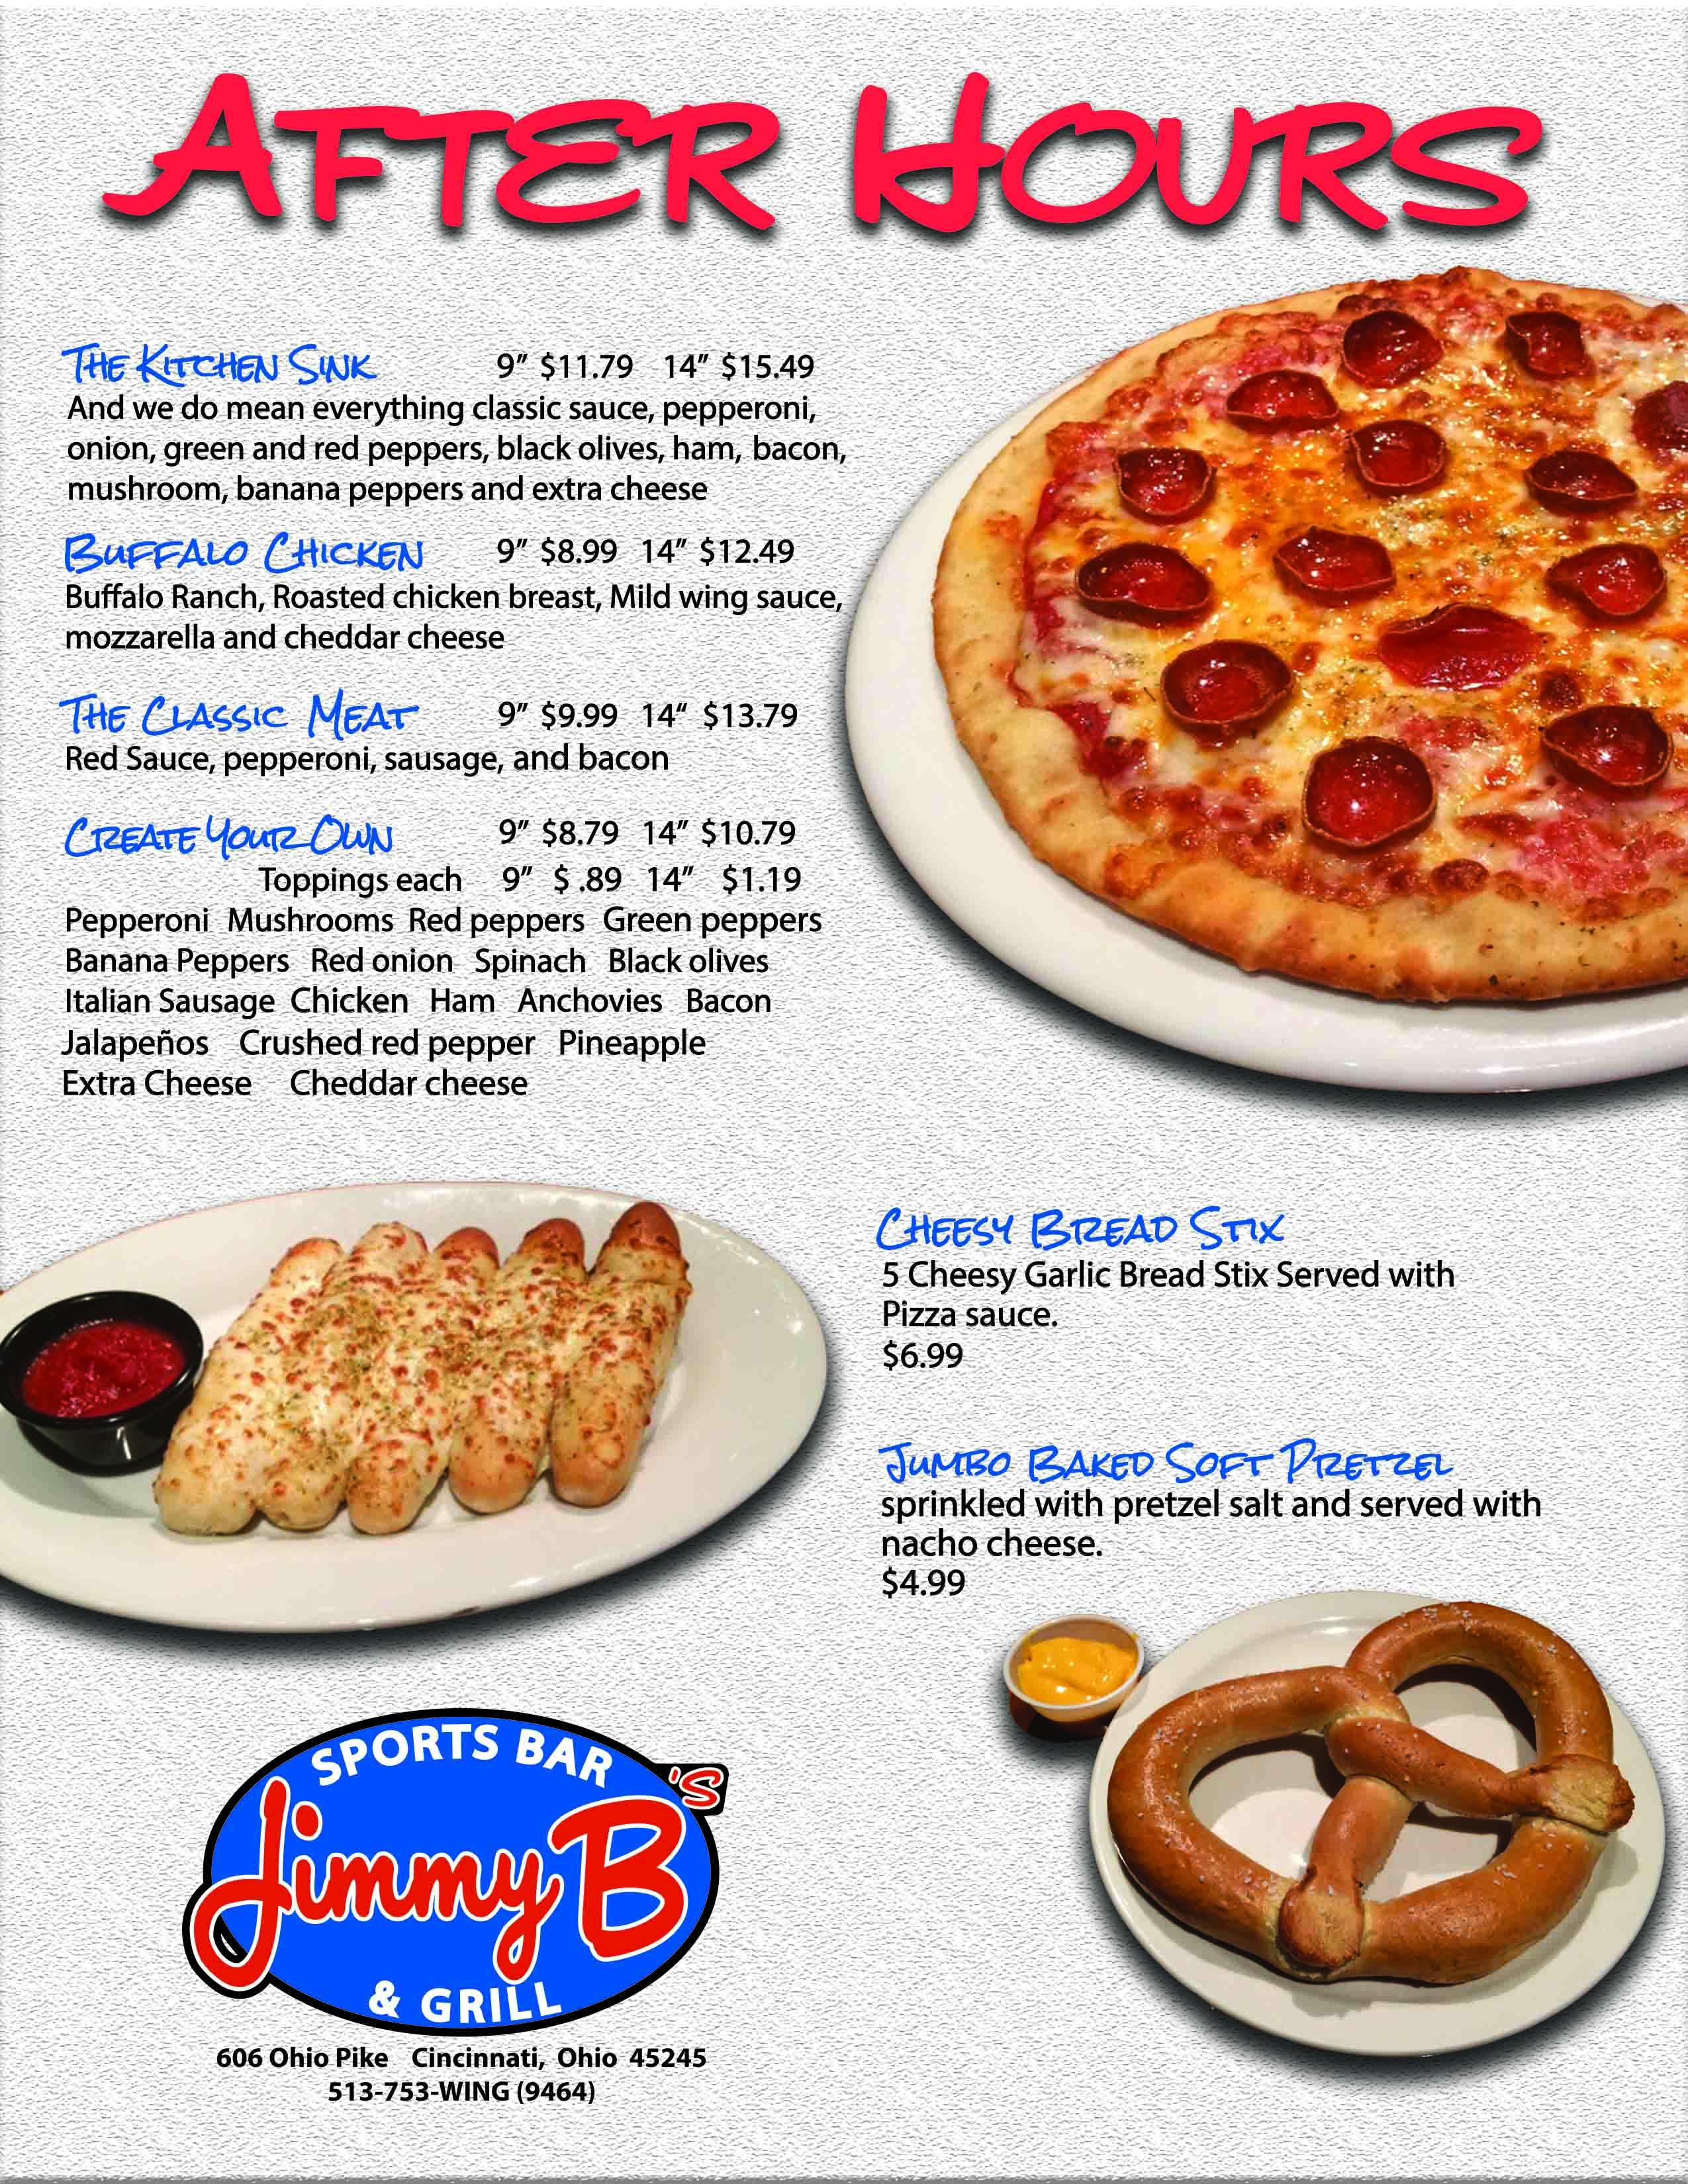 After Hours Menu | Jimmy B\'s Sports Bar & Grill - Cincinnati